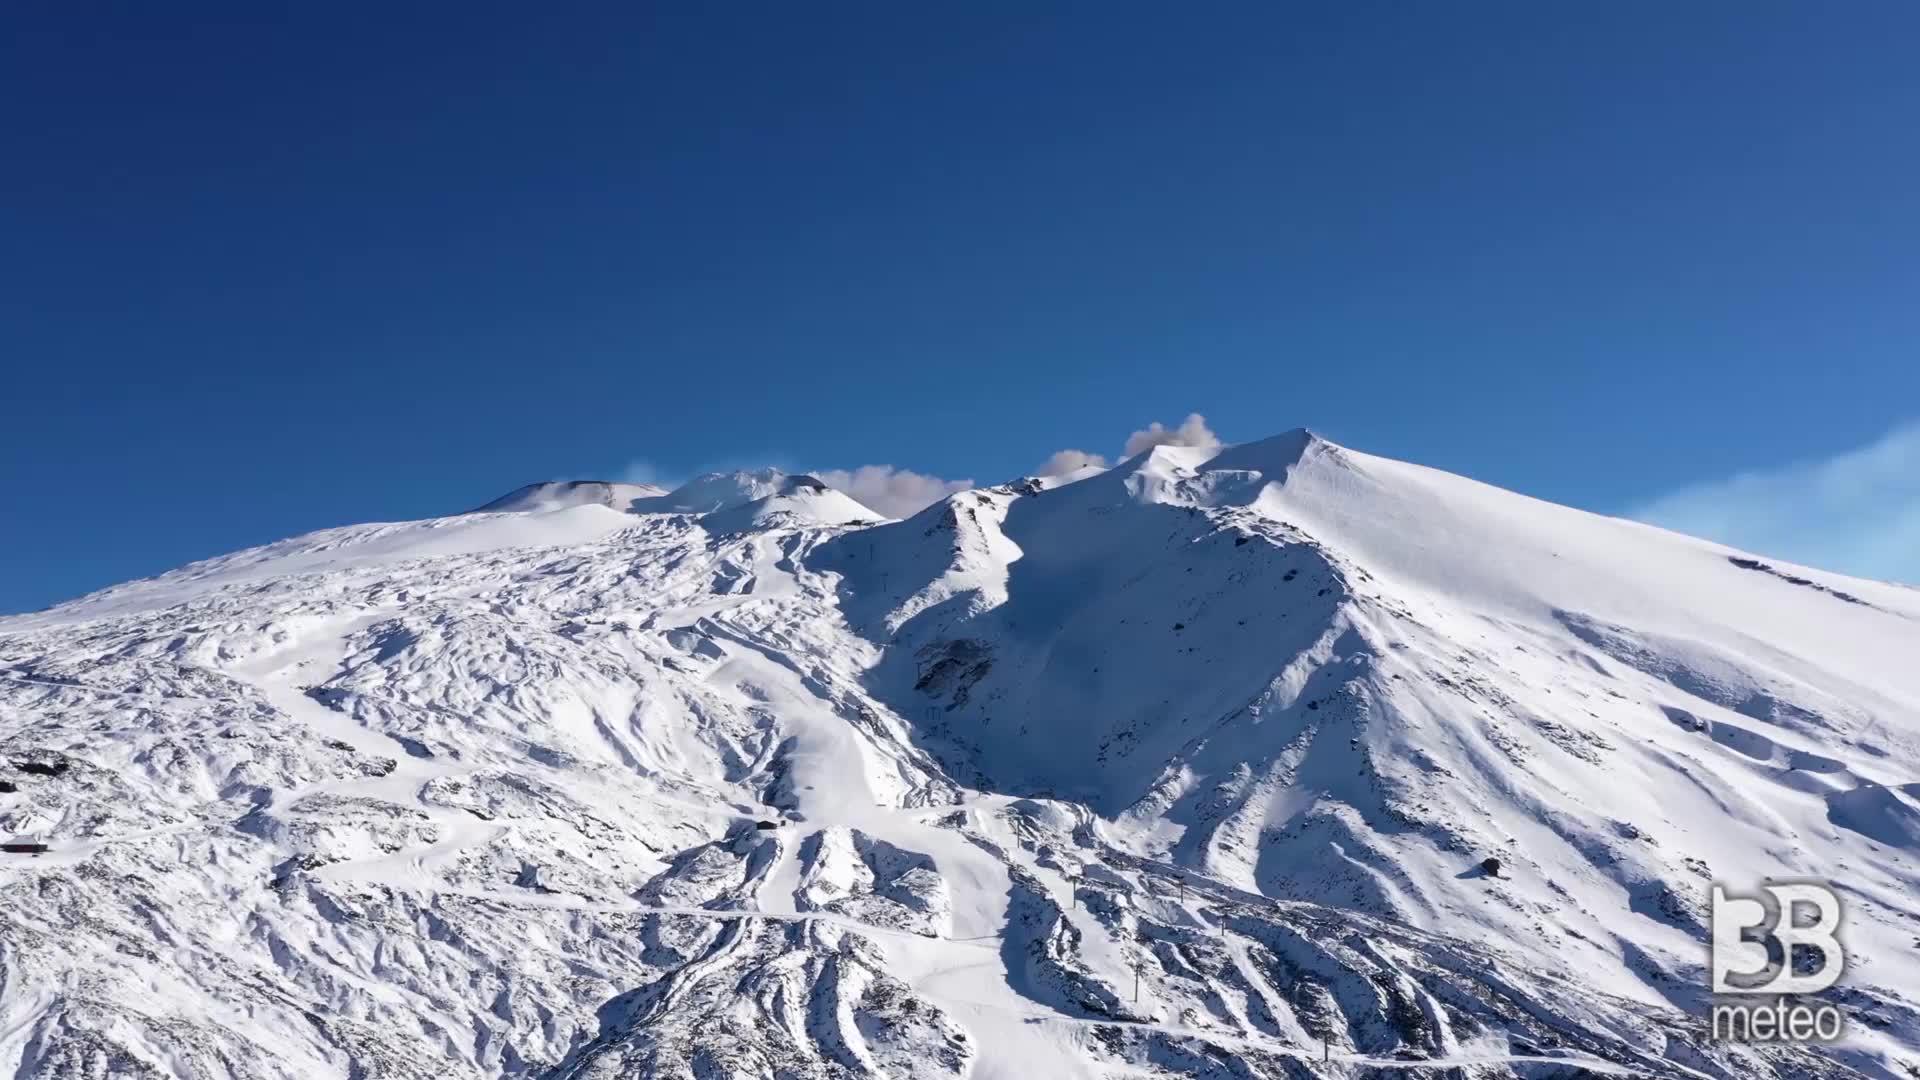 Immagine 1:NEVE e scenari invernali sull ETNA; CRONACA METEO del MALTEMPO di ieri